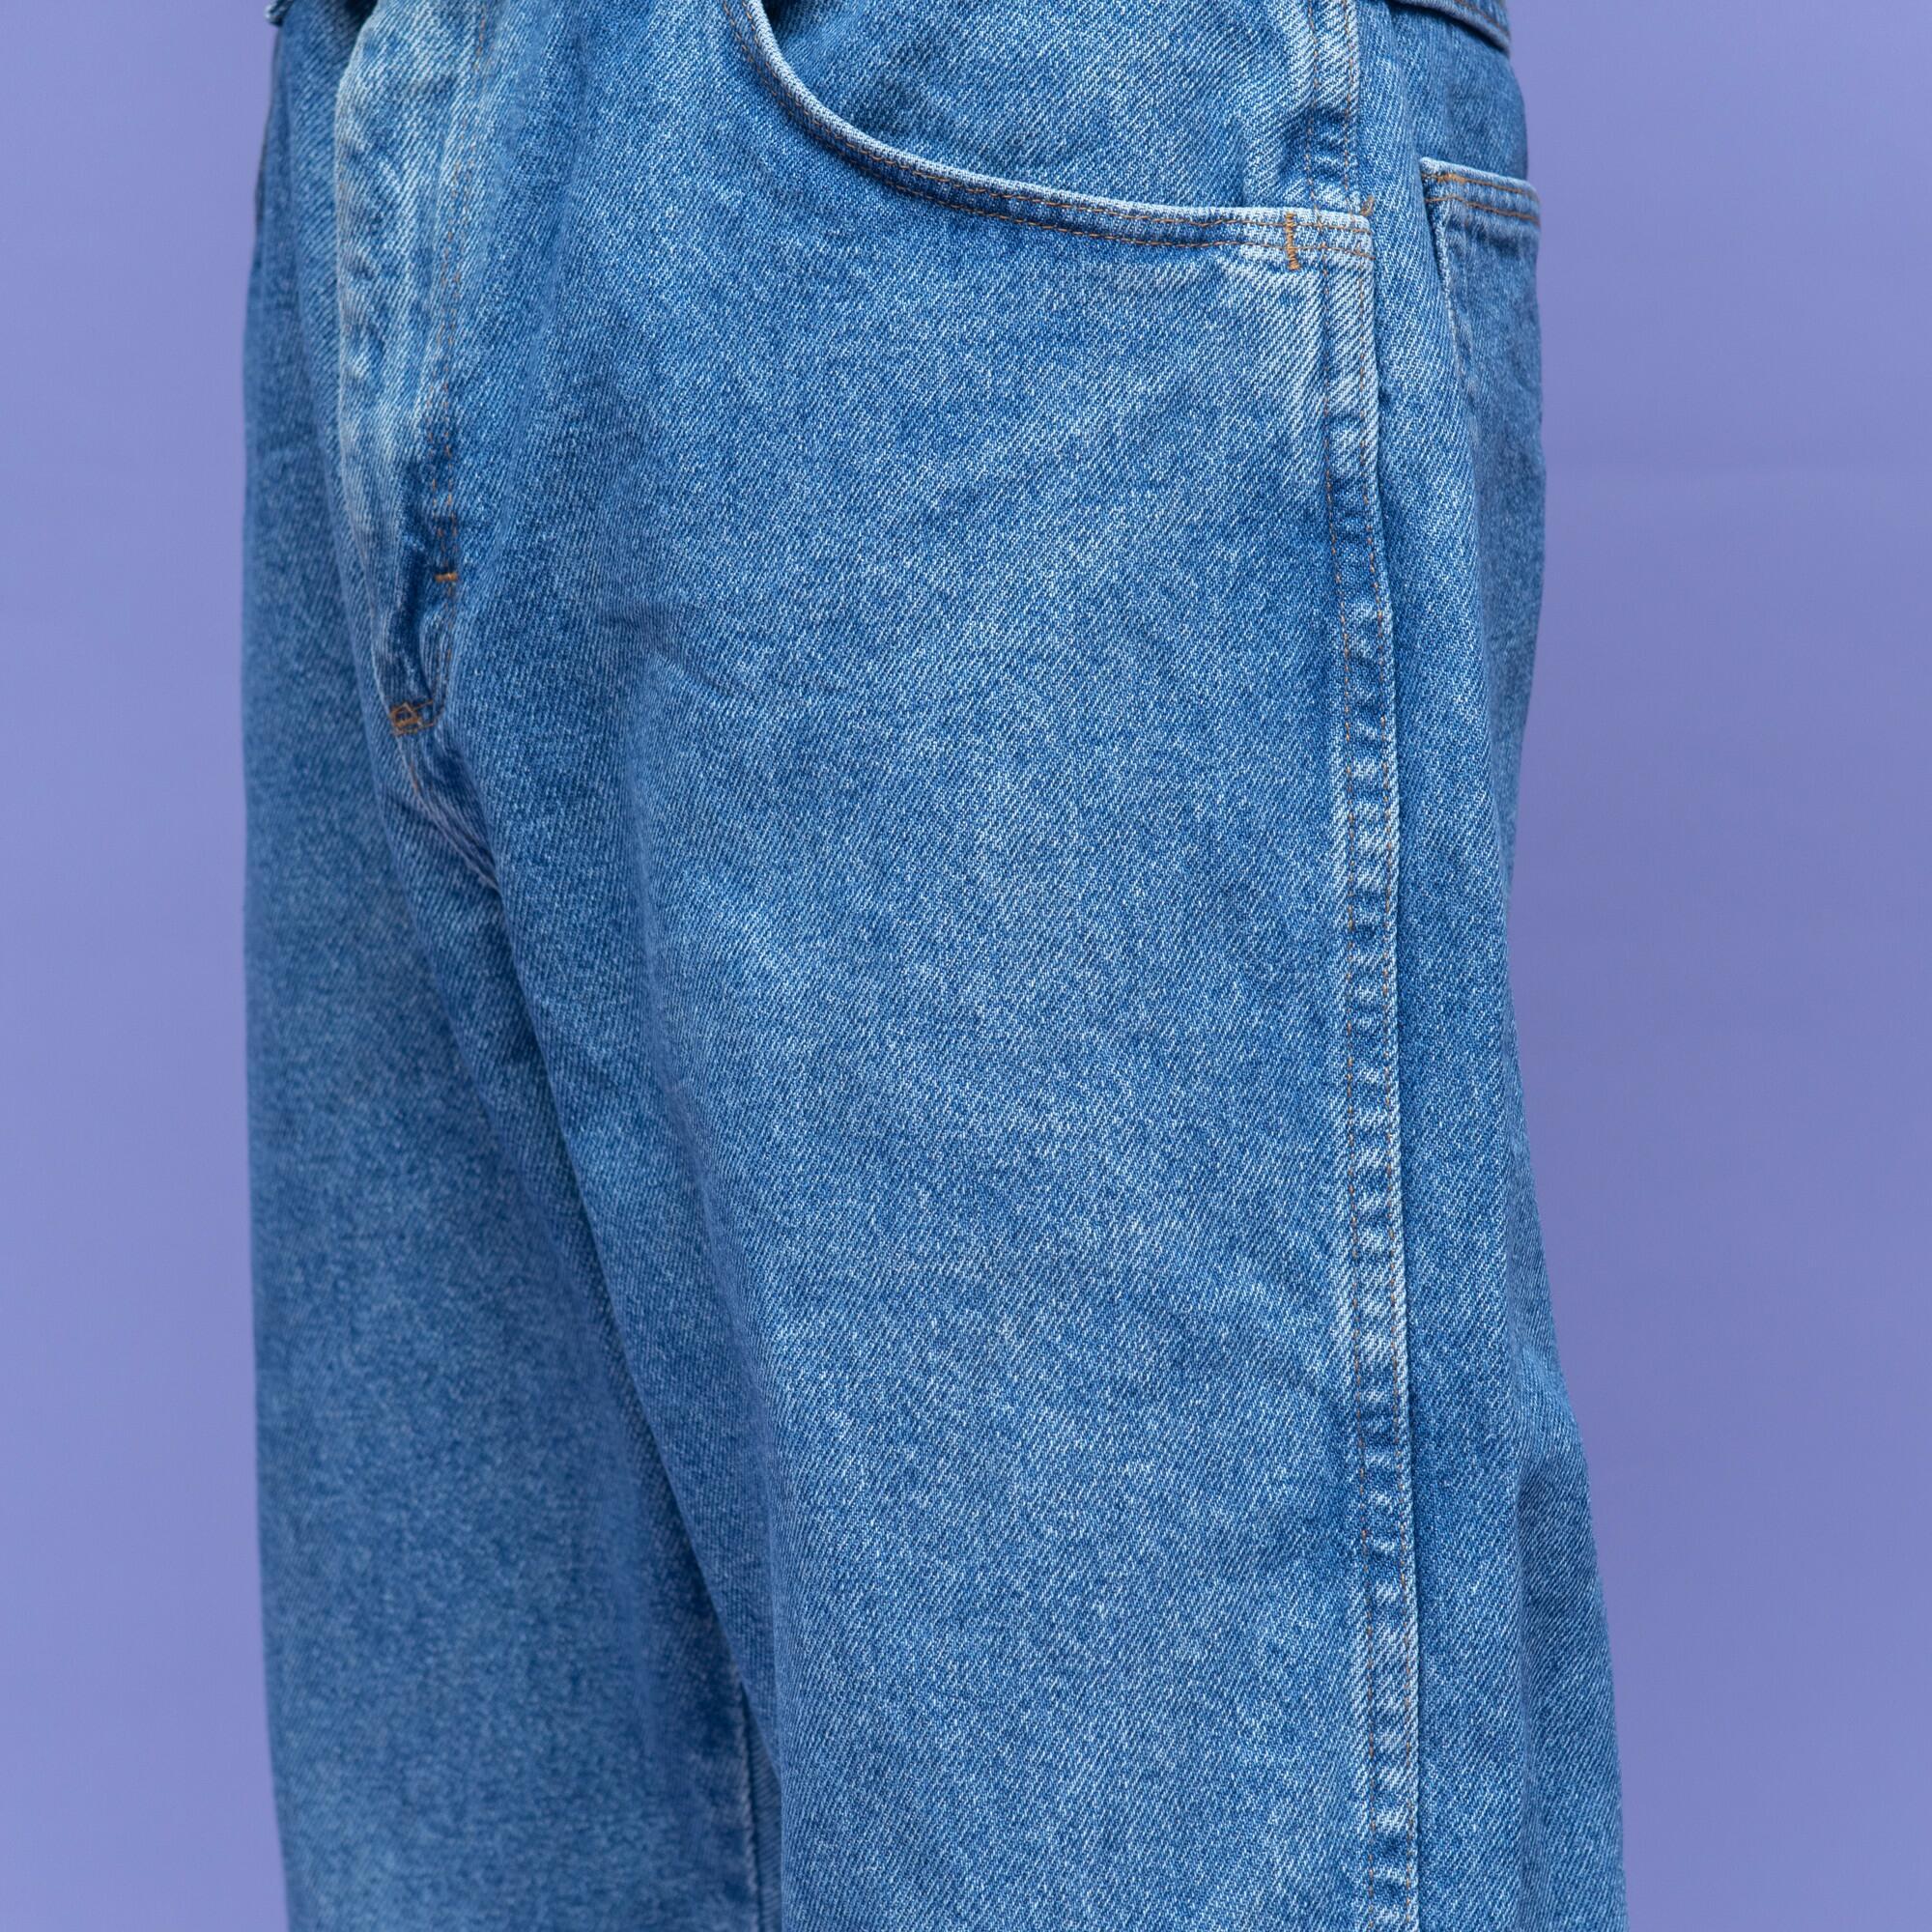 Jasnoniebieskie jeansy Legendary Gold - KEX Vintage Store | JestemSlow.pl